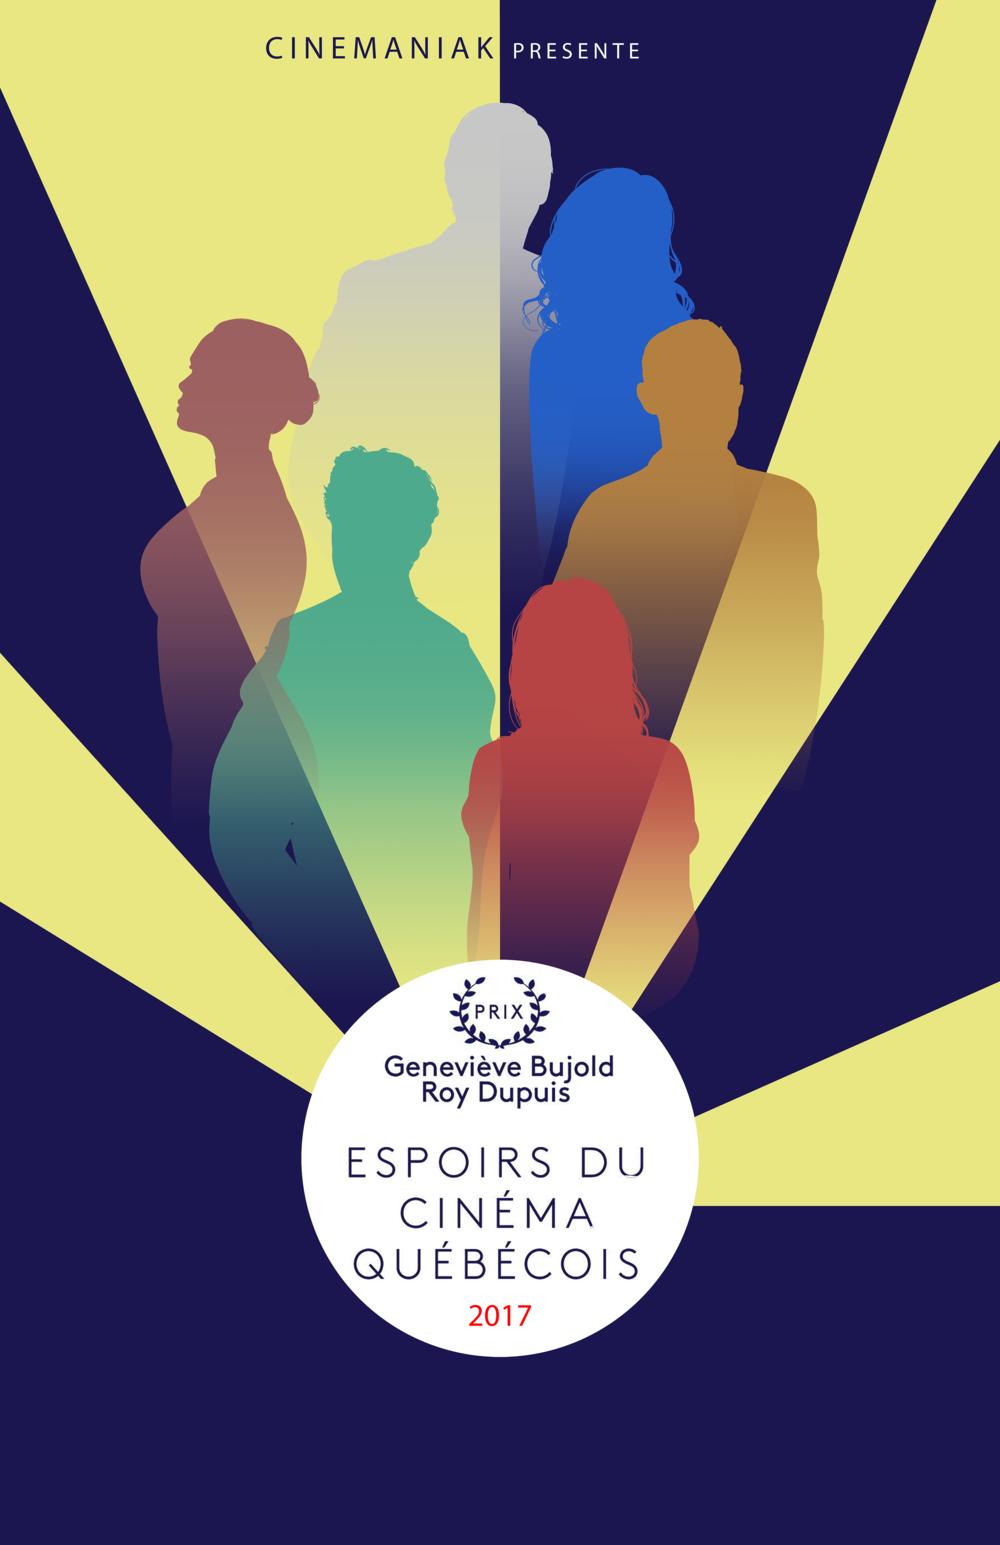 Affiche Espoirs du Cinéma Québécois, 2017